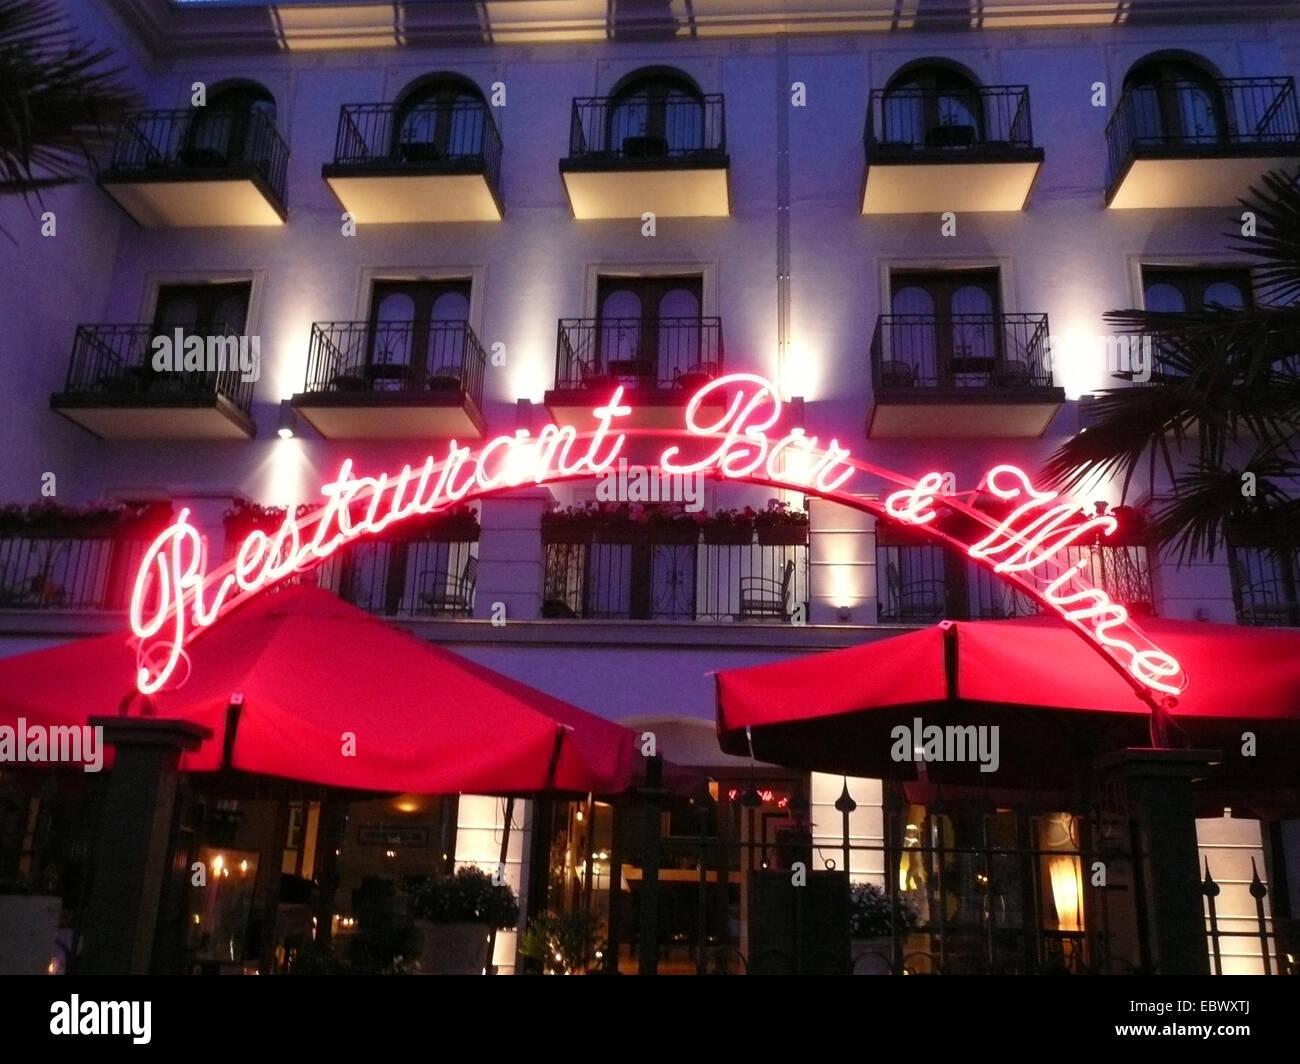 Fassade eines Restaurants mit Abend-Beleuchtung Stockbild